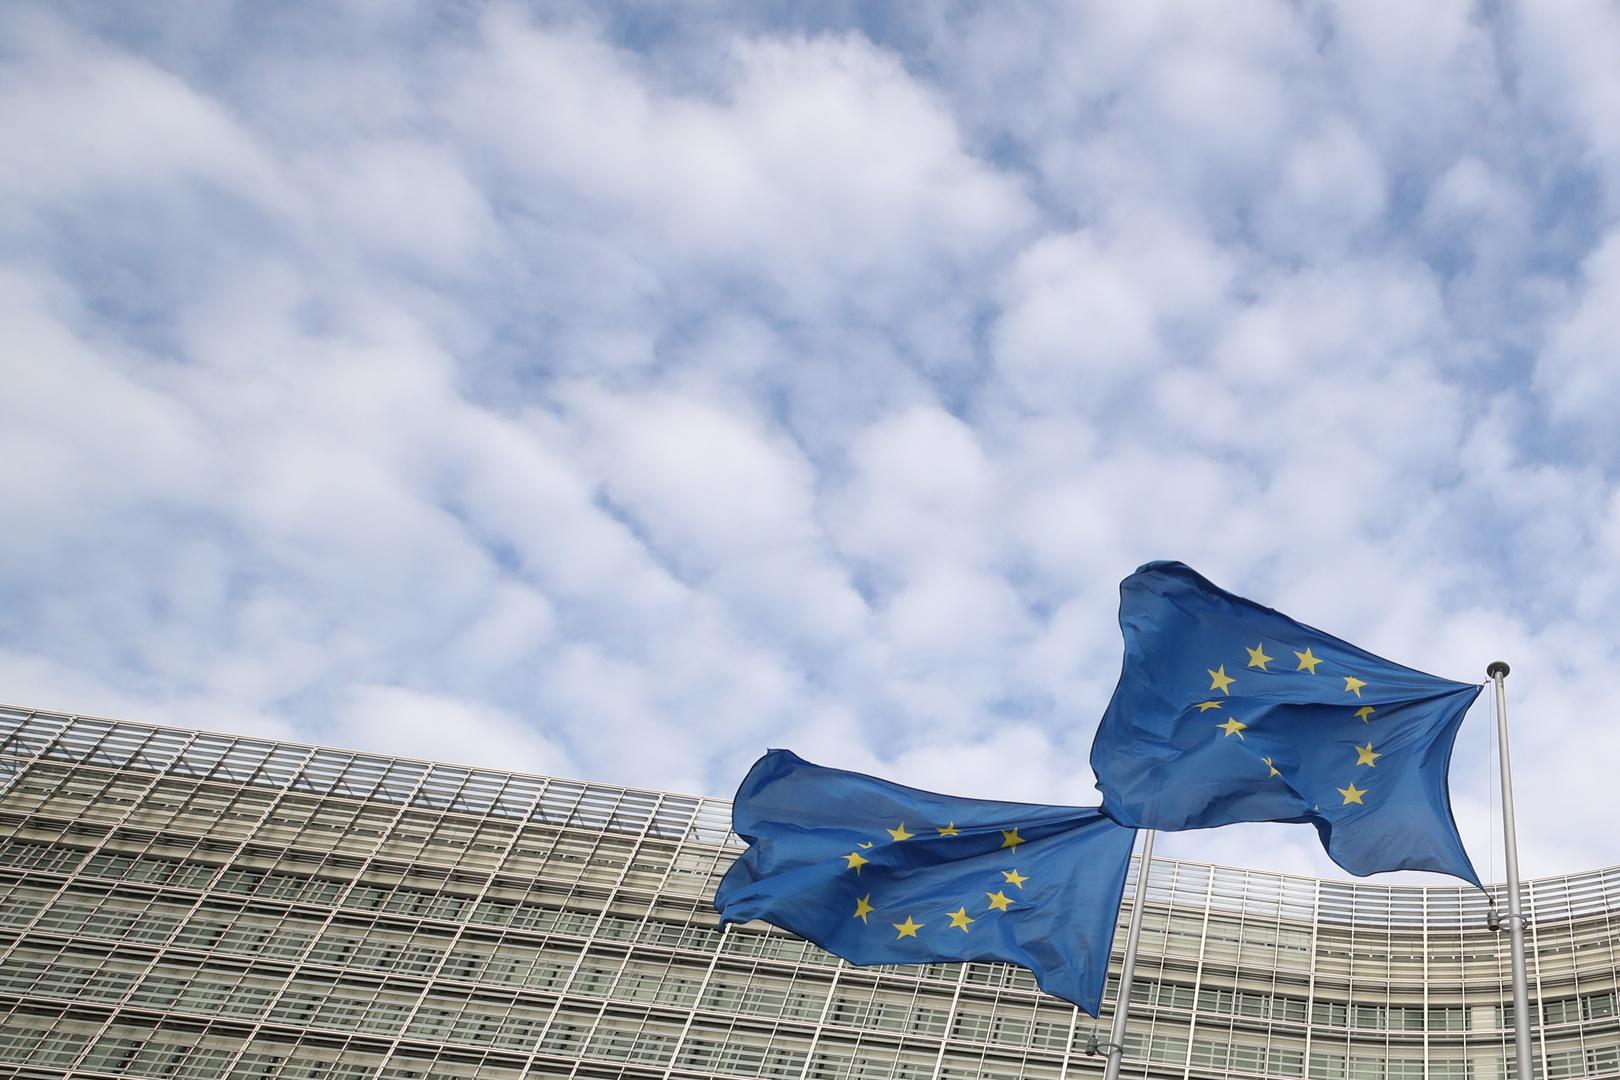 تقرير: إسرائيل رفضت استقبال المبعوث الأوروبي للسلام